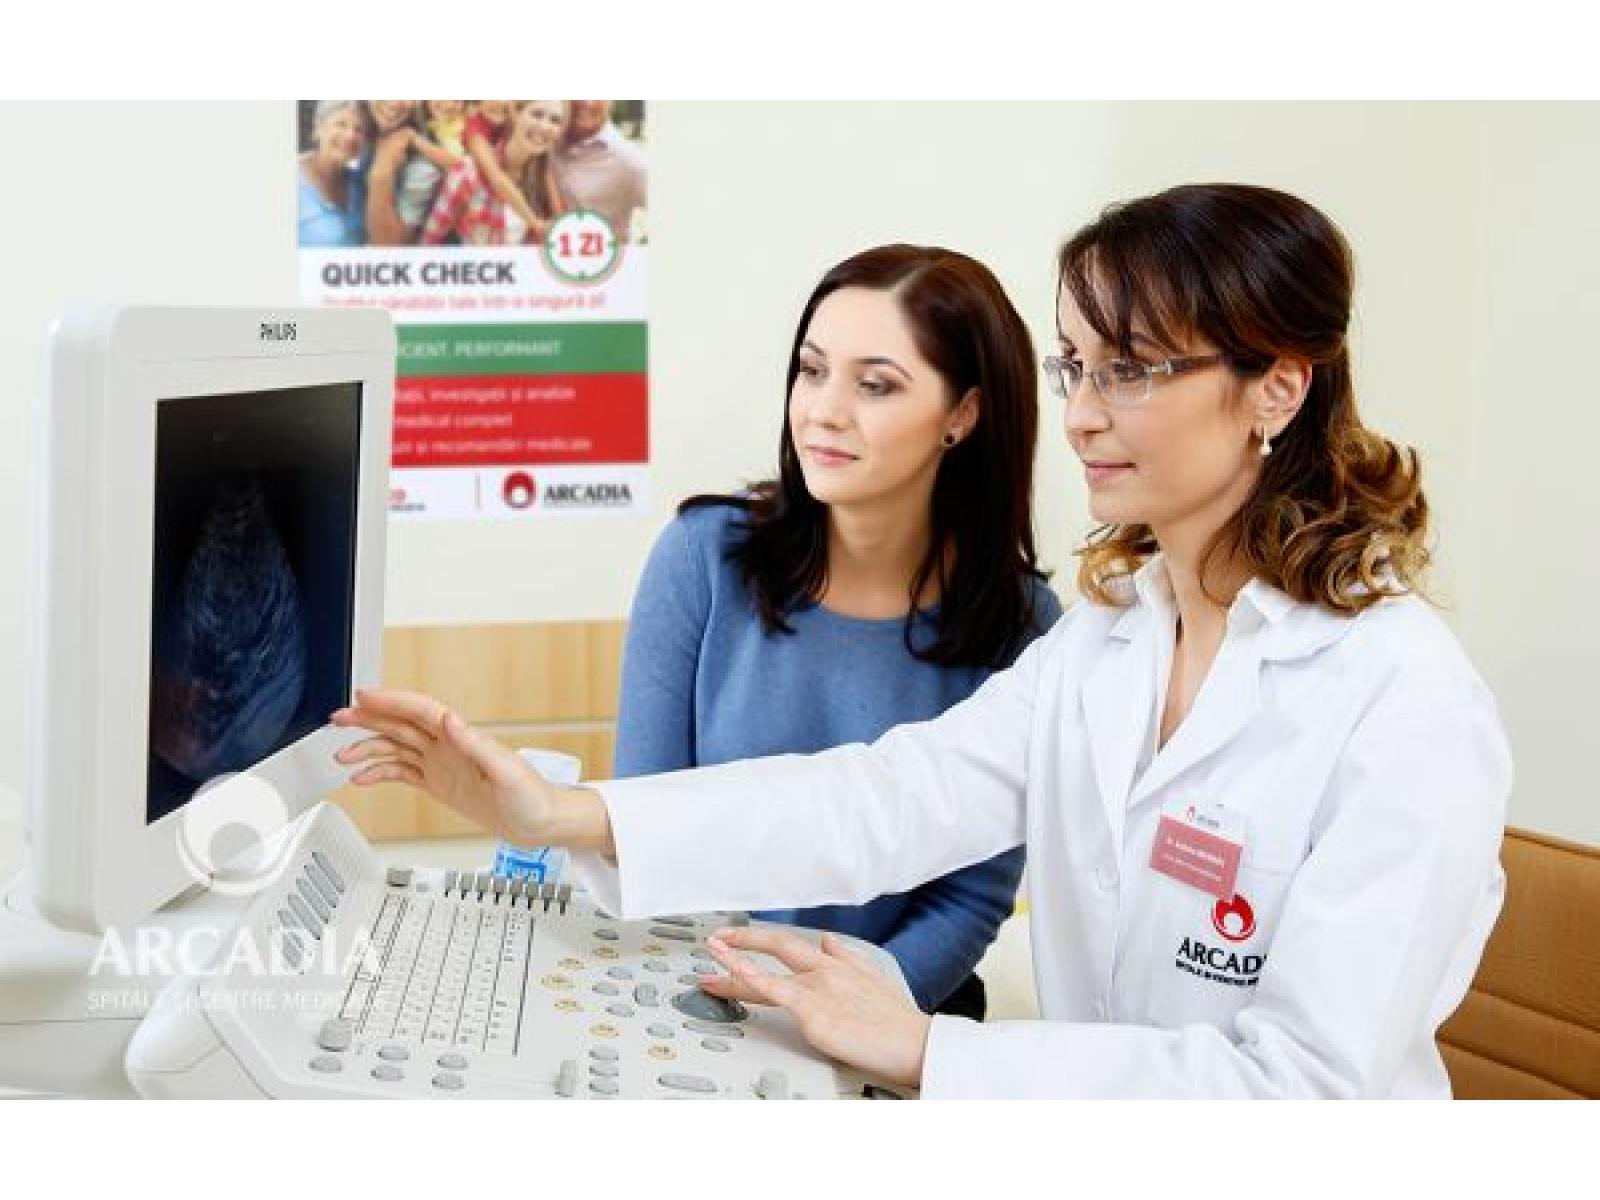 Arcadia Spitale si Centre Medicale - Centrul_de_gastroenterologie_Arcadia.jpg